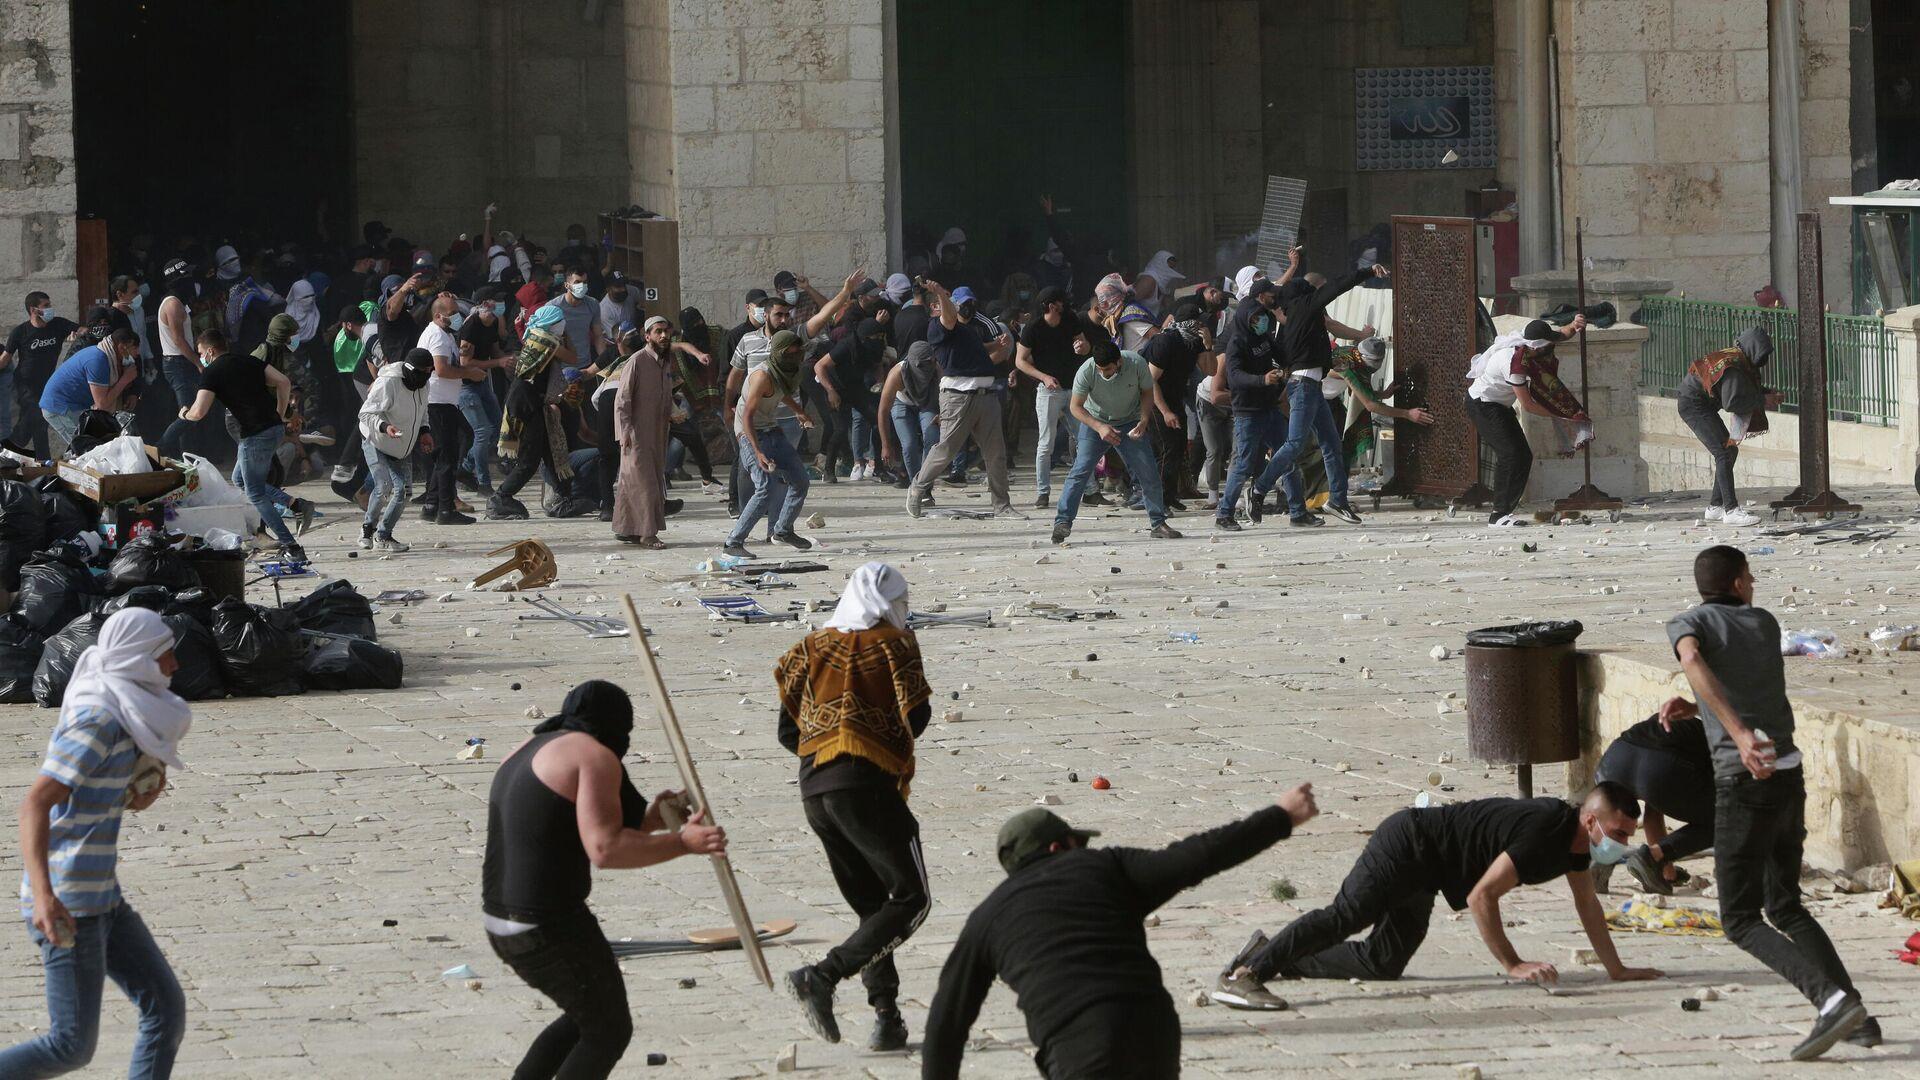 Столкновения возле мечети Аль-Акса в Иерусалиме, Израиль. 10 мая 2021 - РИА Новости, 1920, 11.05.2021